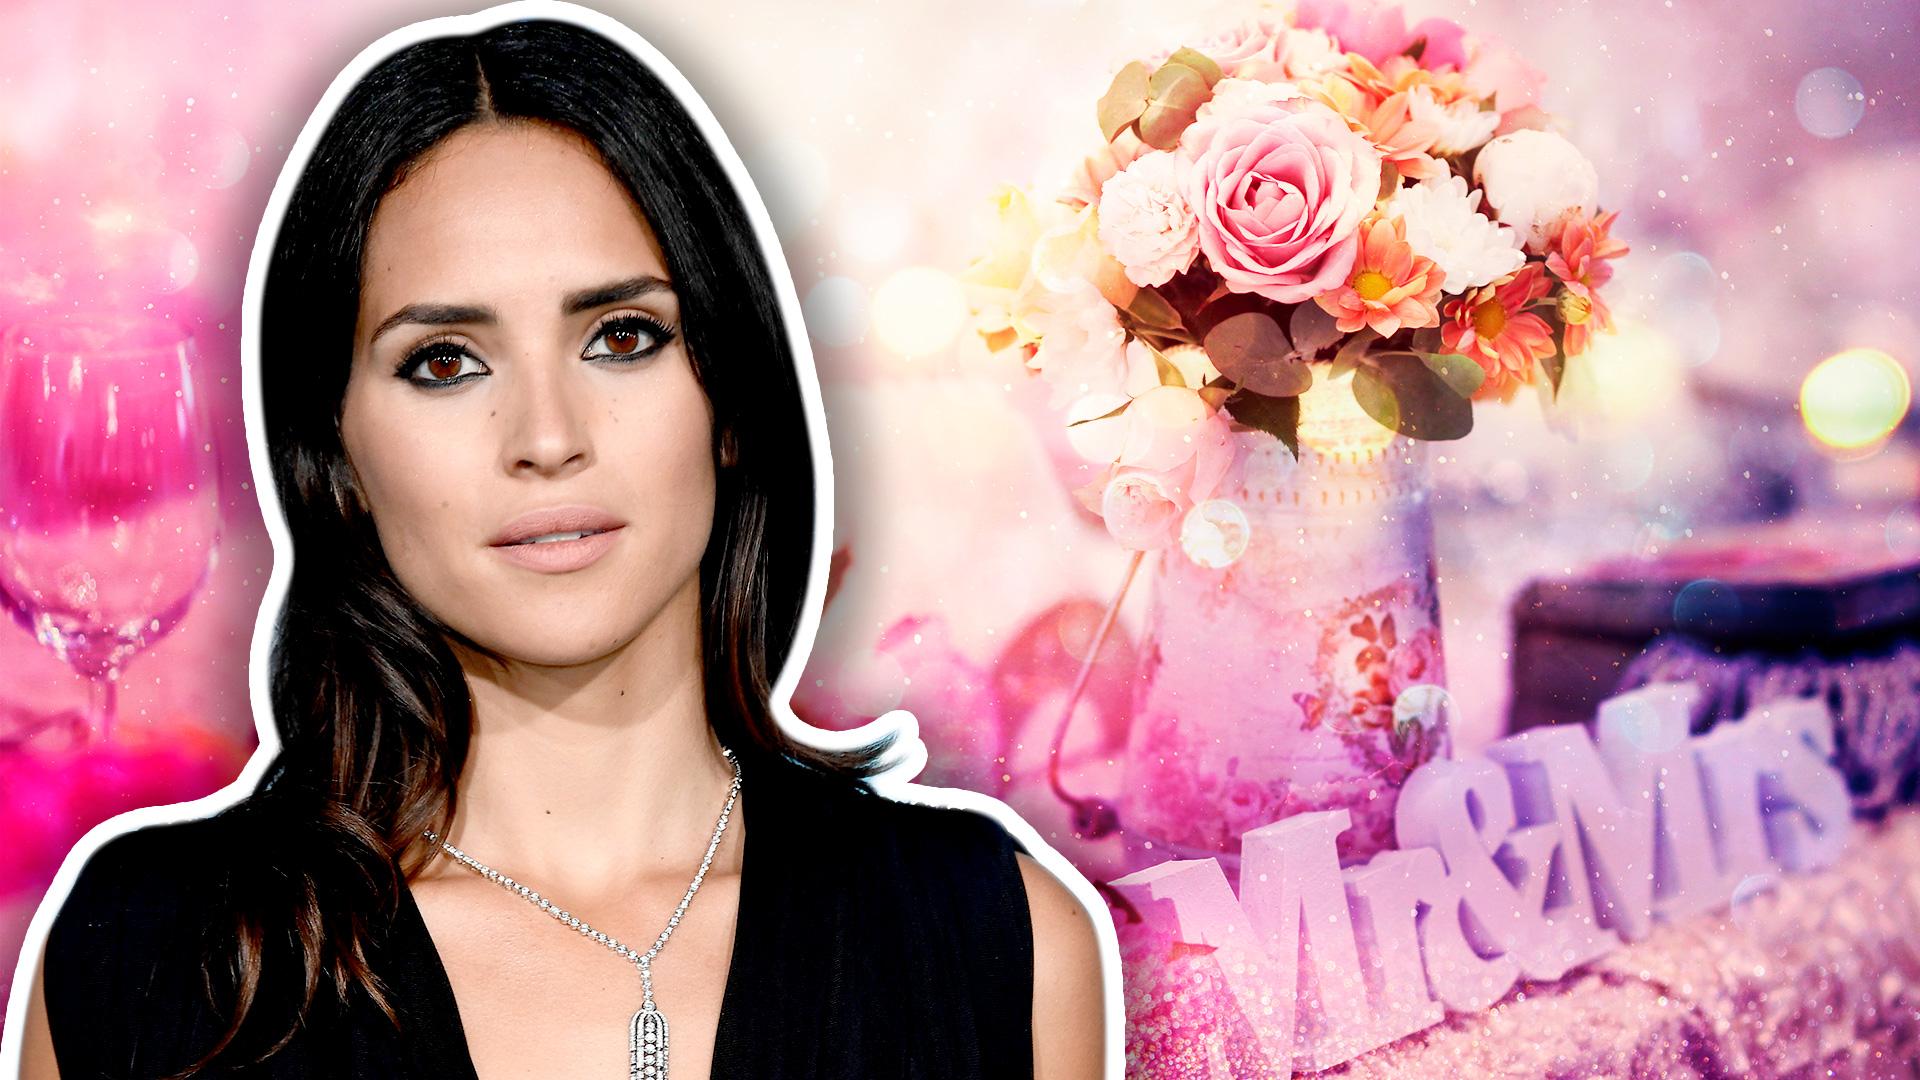 La hija de Ricardo Arjona anuncia su compromiso en redes sociales